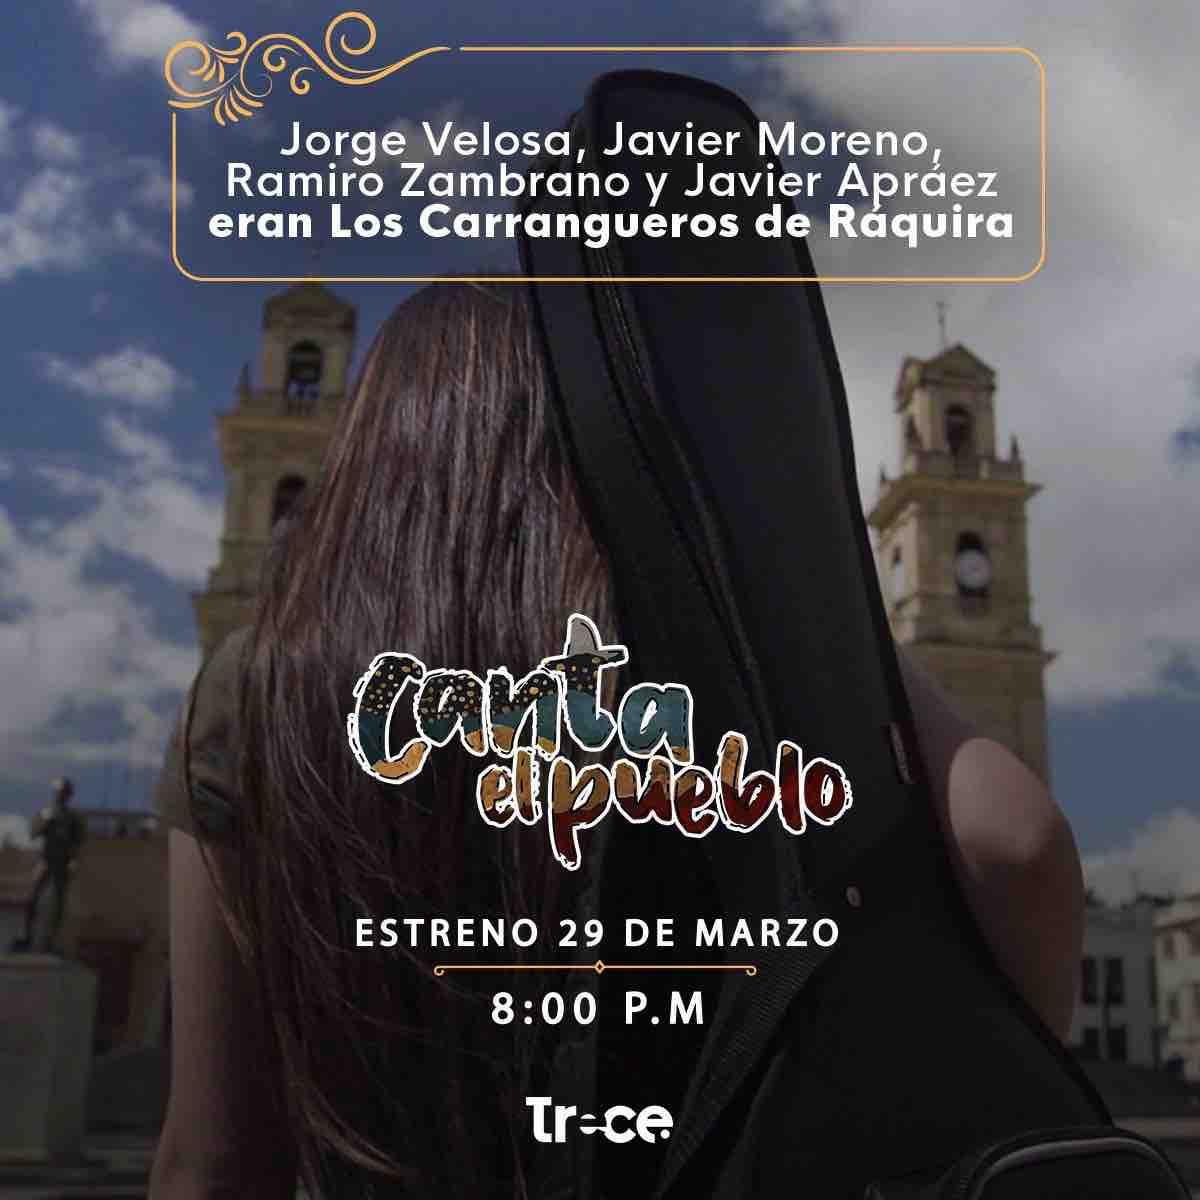 Documentales sobre la historia de los Carrangueros de Ráquira y la serie 'El Libertador', filmadas en Tunja se lanzan este fin de semana 1